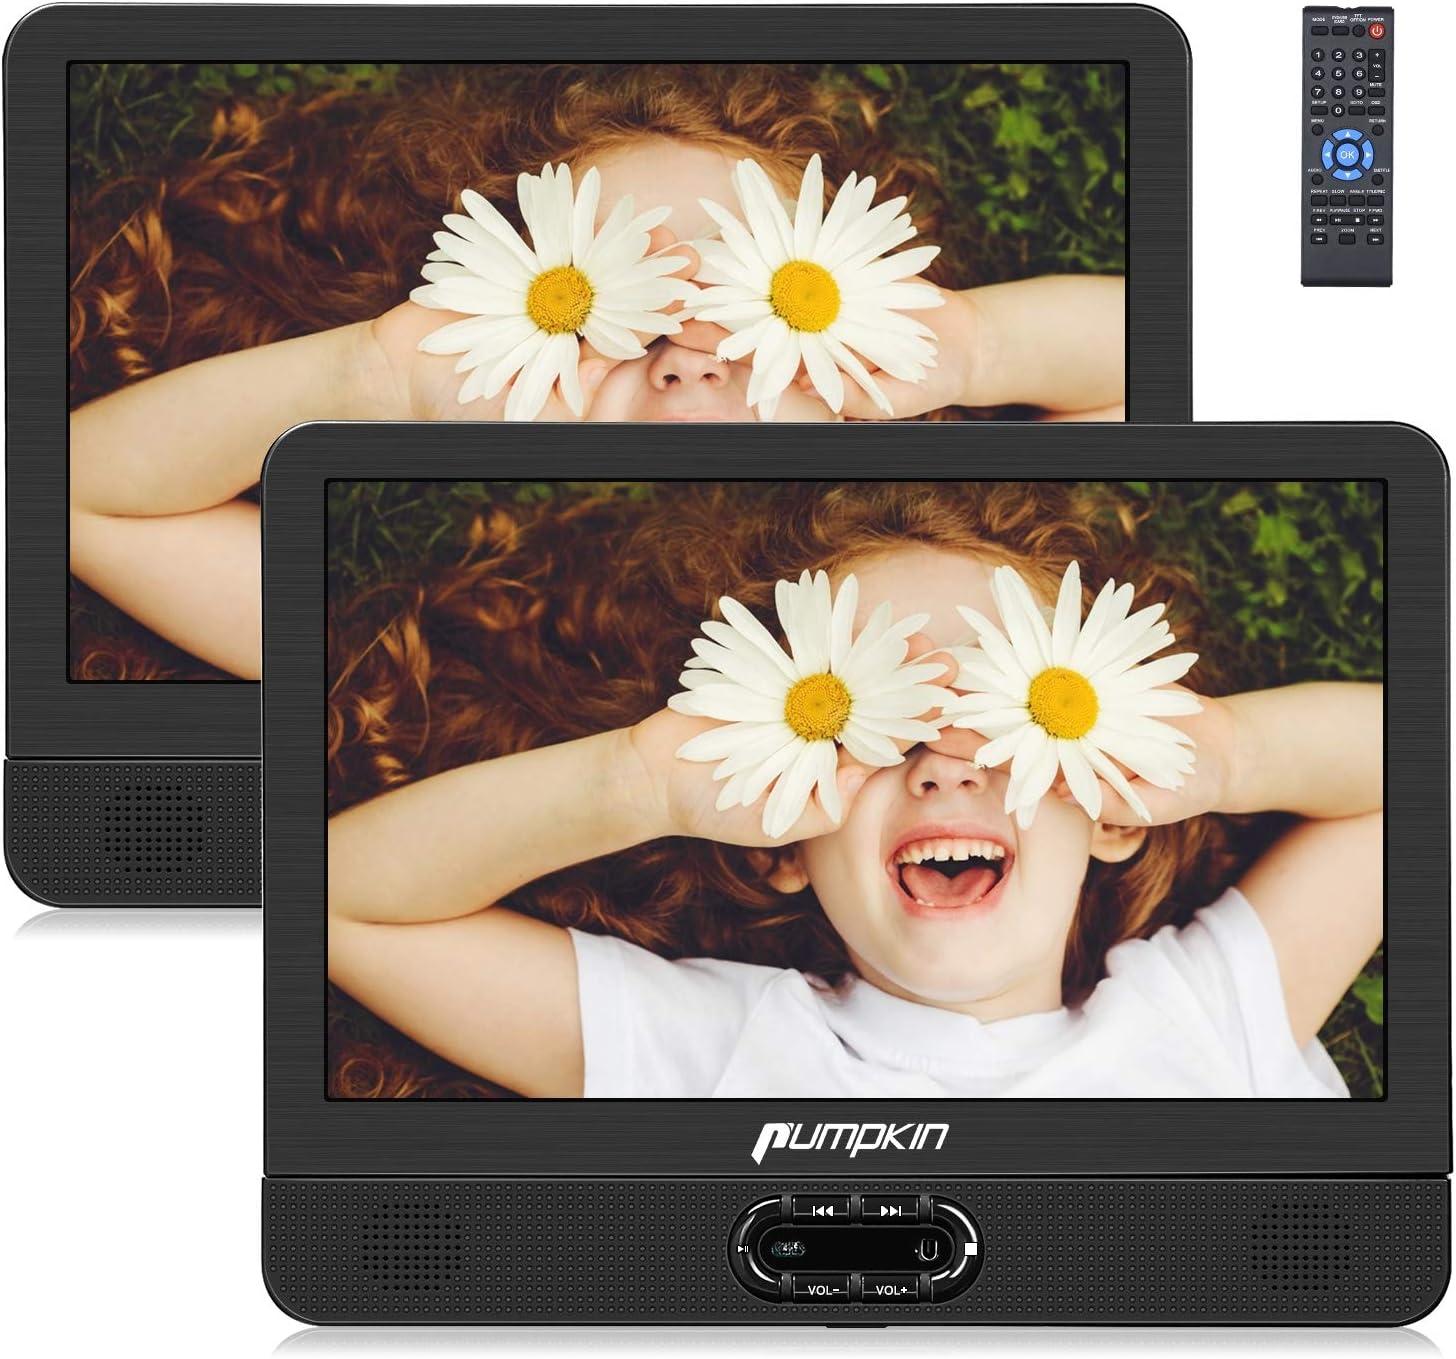 """Pumpkin 12"""" DVD Portátil Coche 2 Pantallas, Reproductor para Reposacabezas de Coche/ TV de Casa para Niños en Viaje soporta USB/ SD/ CD, Región Libre, con Control Remoto"""